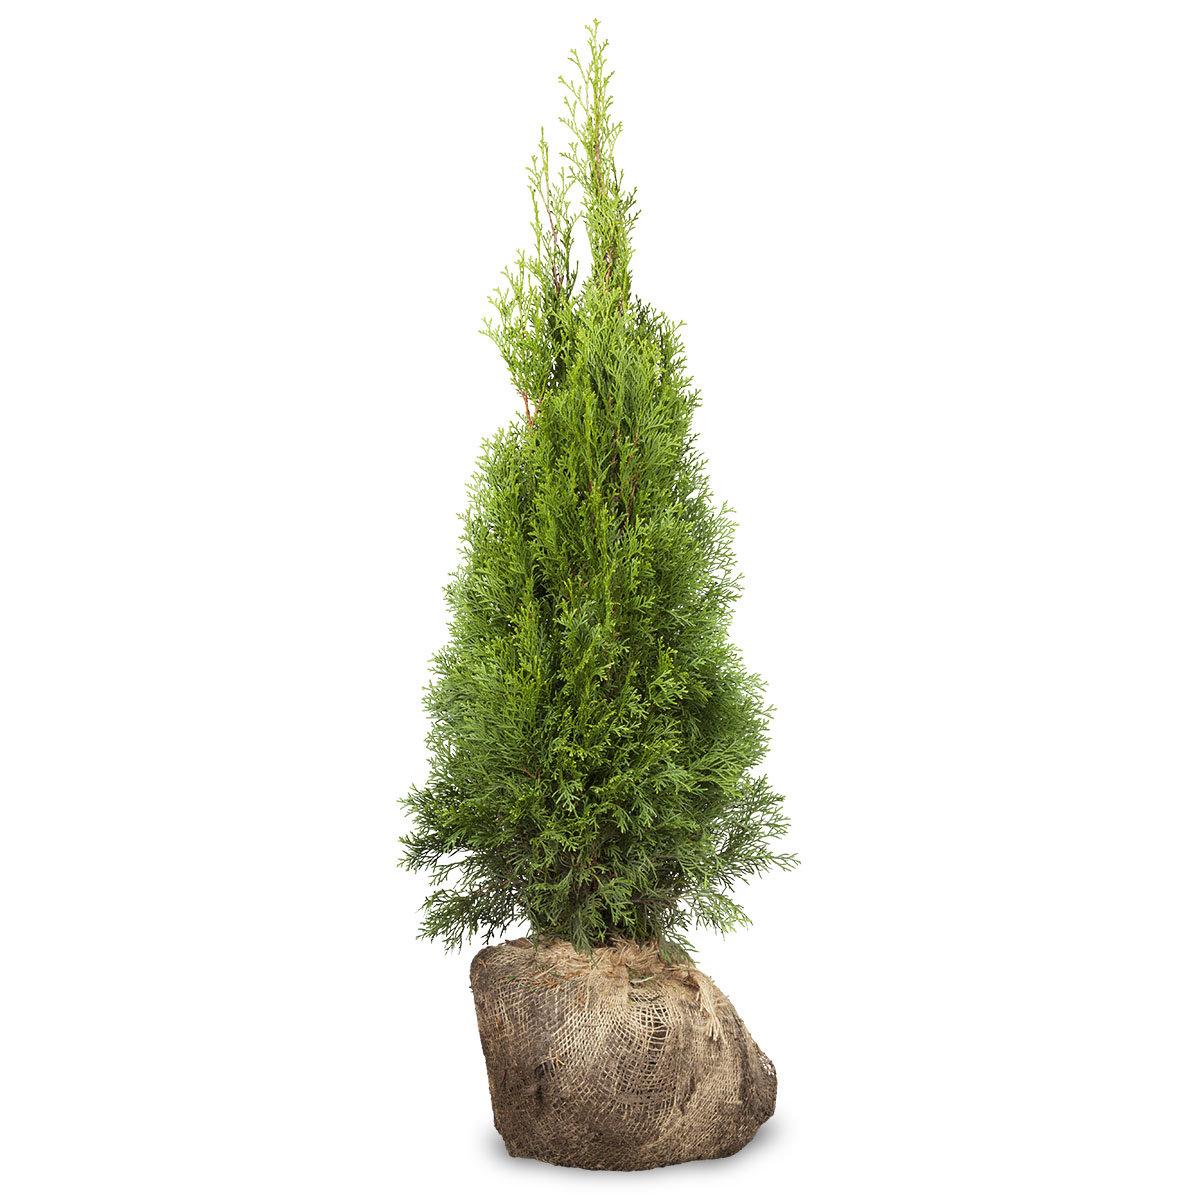 Großgebinde Lebensbaum Smaragd, 100 - 120 cm, 30 Pflanzen | #2